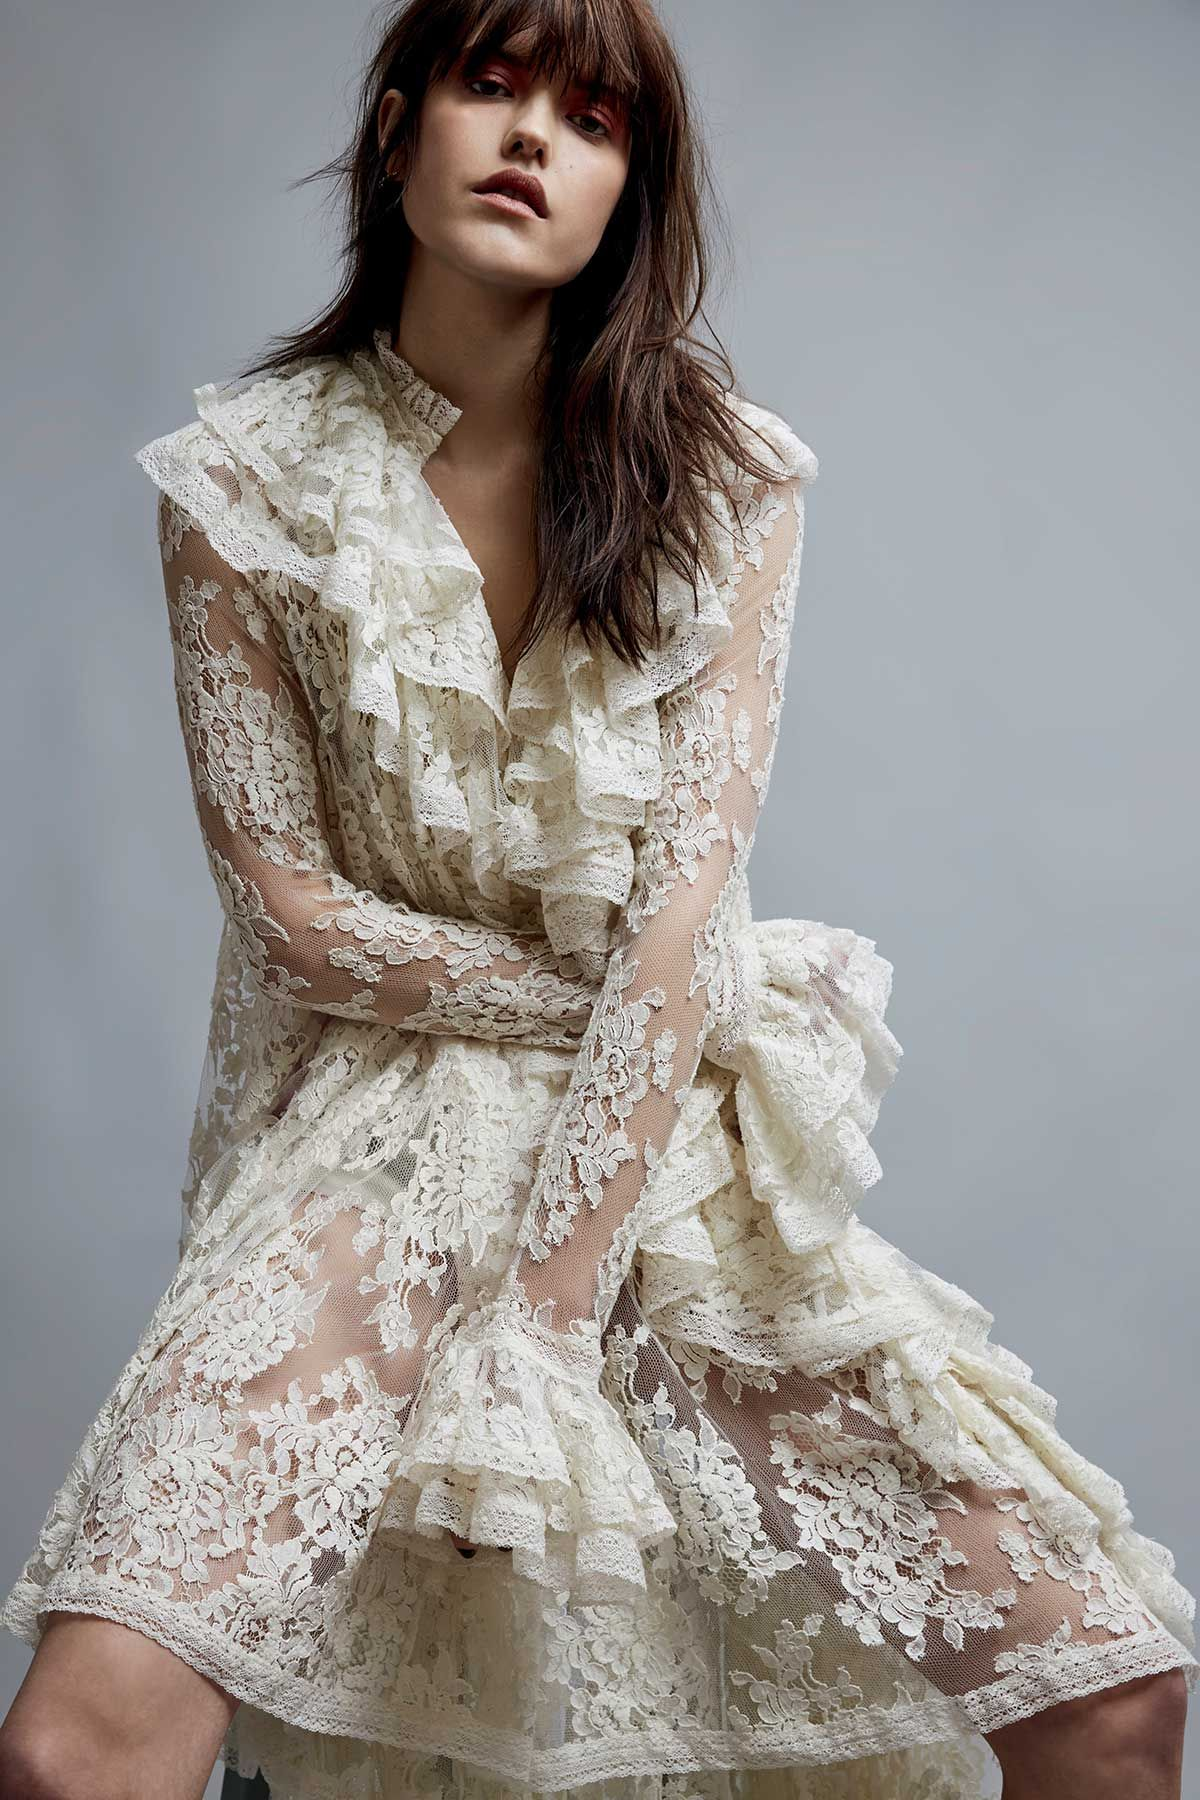 Näin syntyy romanttinen juhlatyyli – huippumalli Anna Nevala näyttää mallia